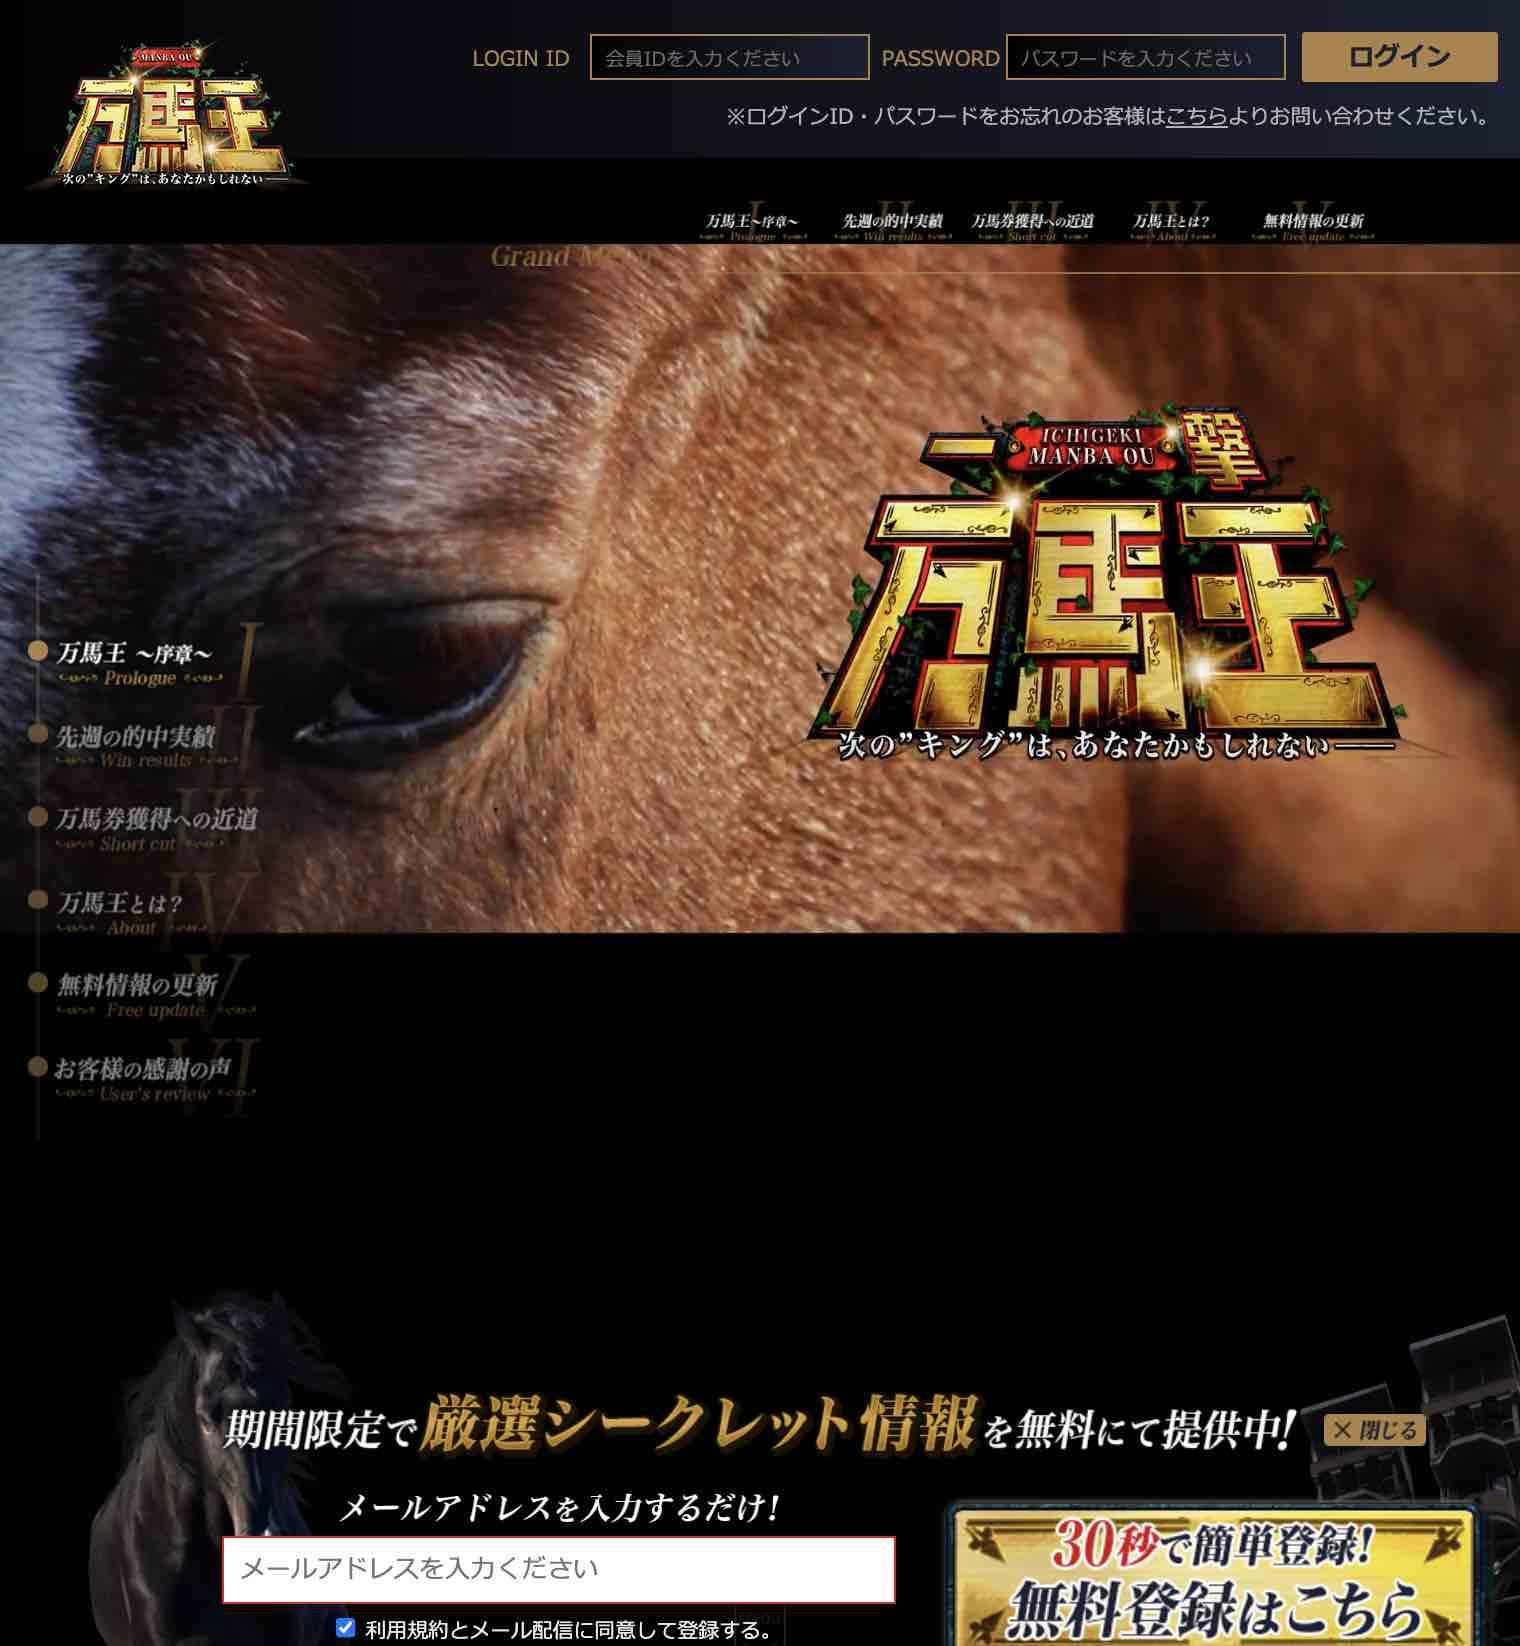 万馬王という競馬予想サイトの非会員TOP